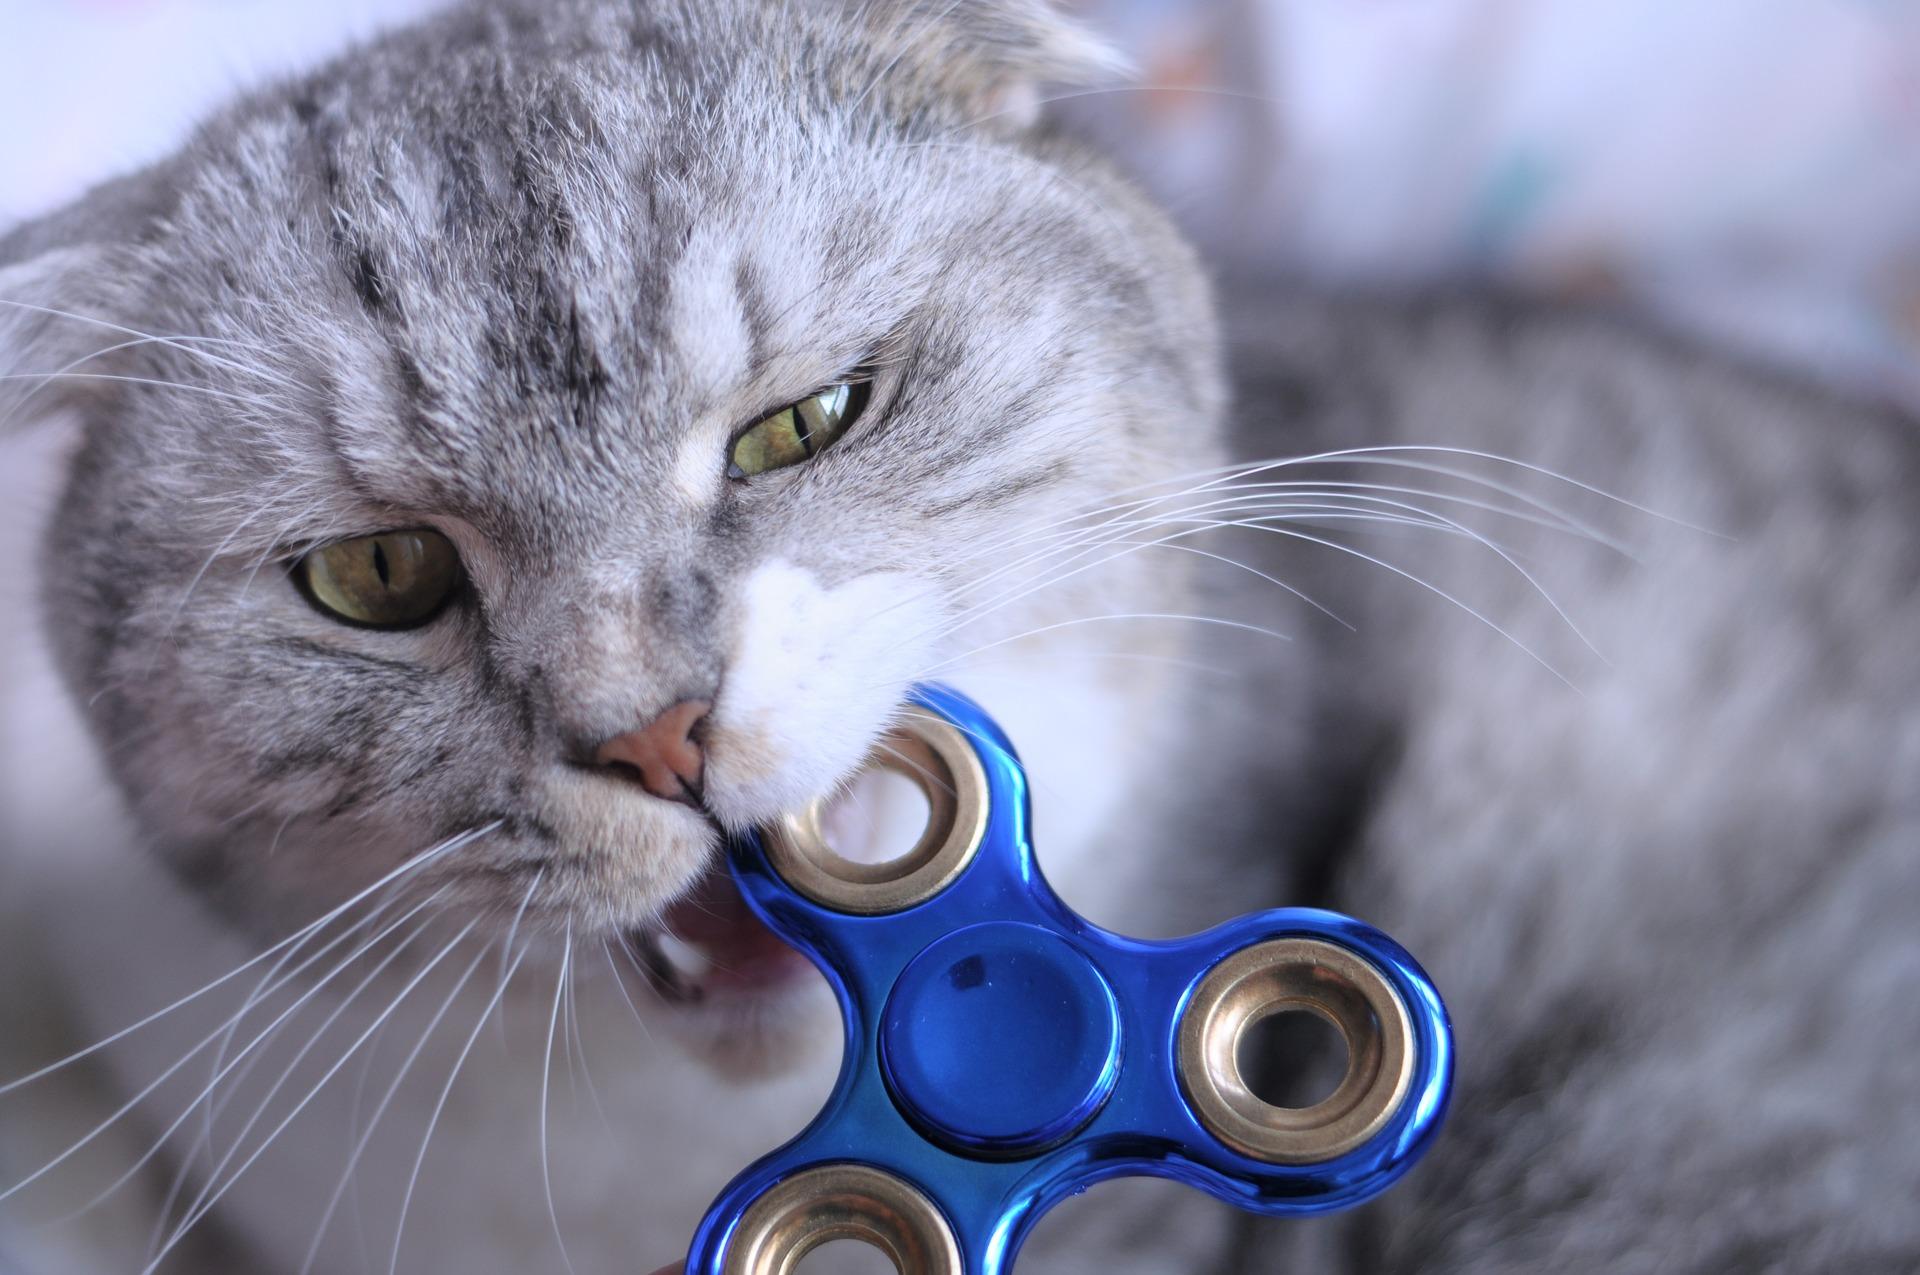 Pourquoi les Chats mordent ils?